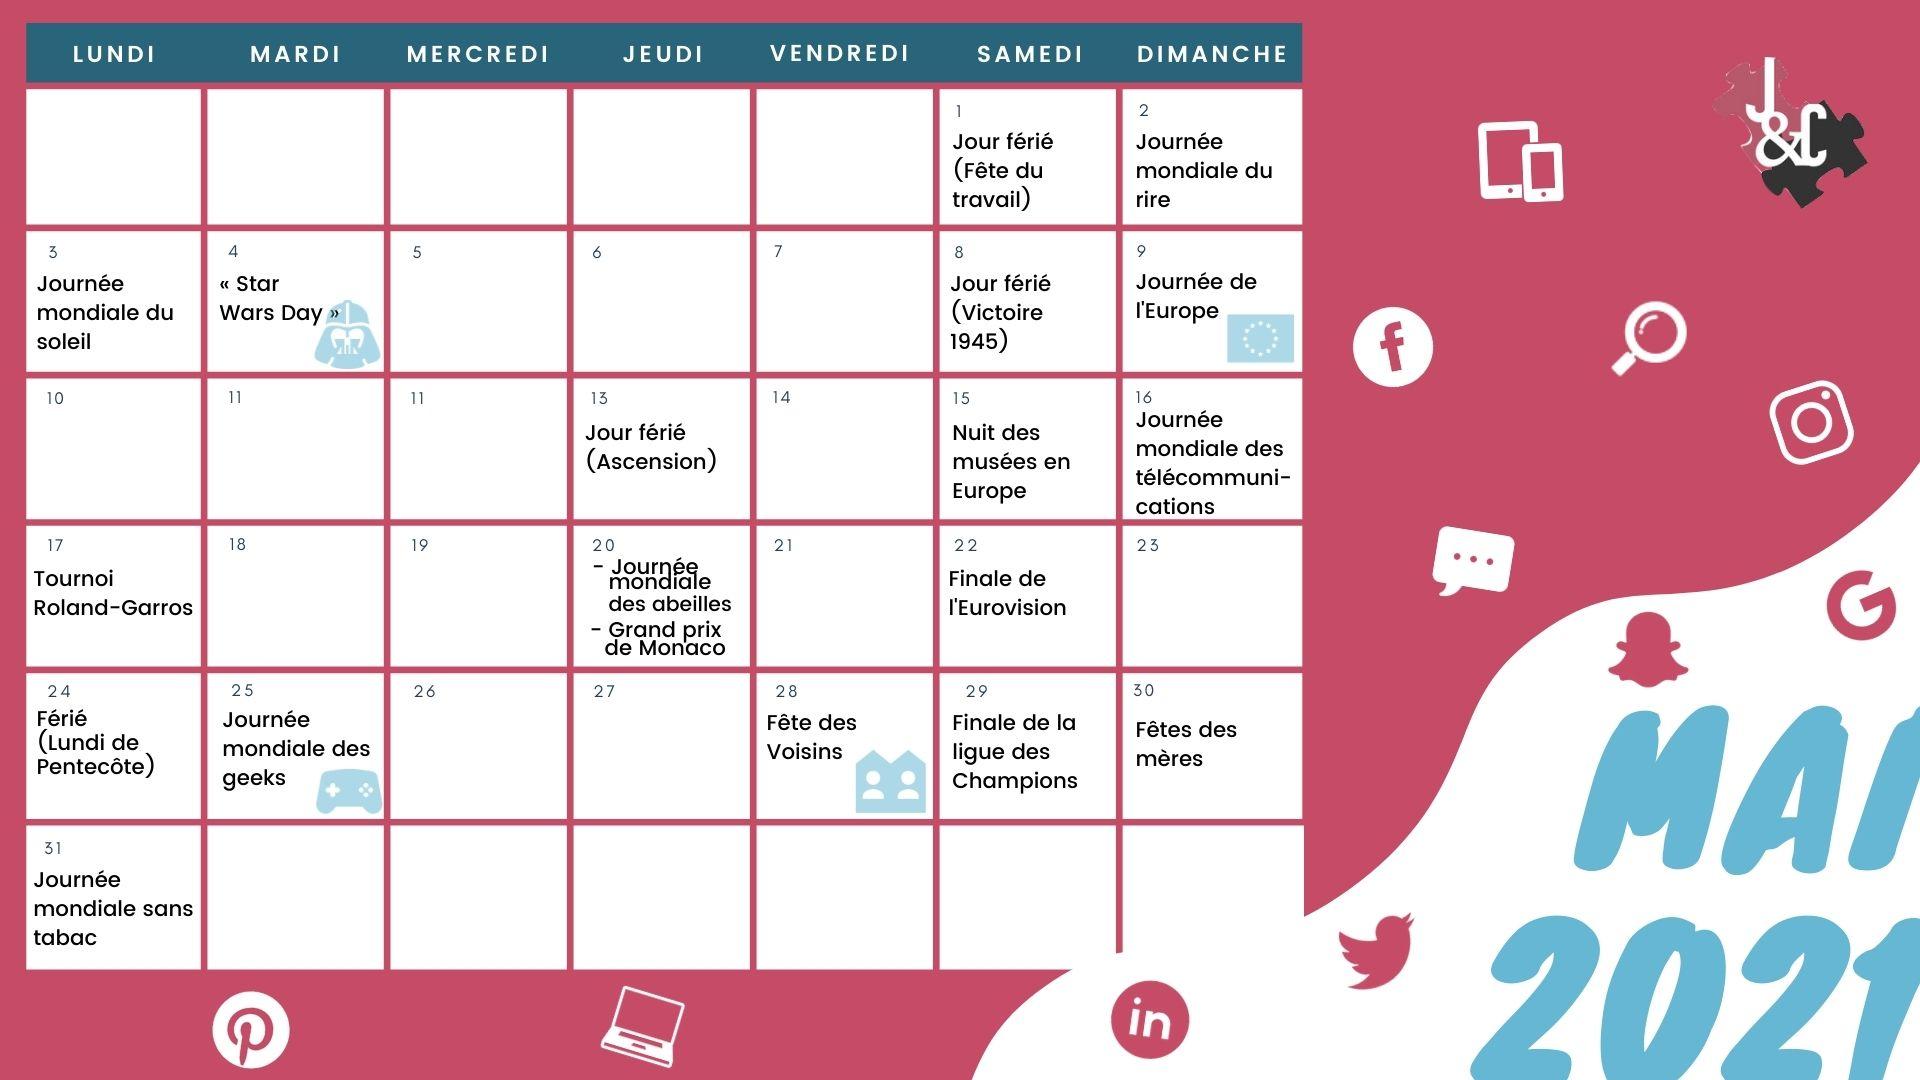 Découvrez l'intégralité des événements majeurs de mai grâce à votre calendrier marronnier mai 2021 !